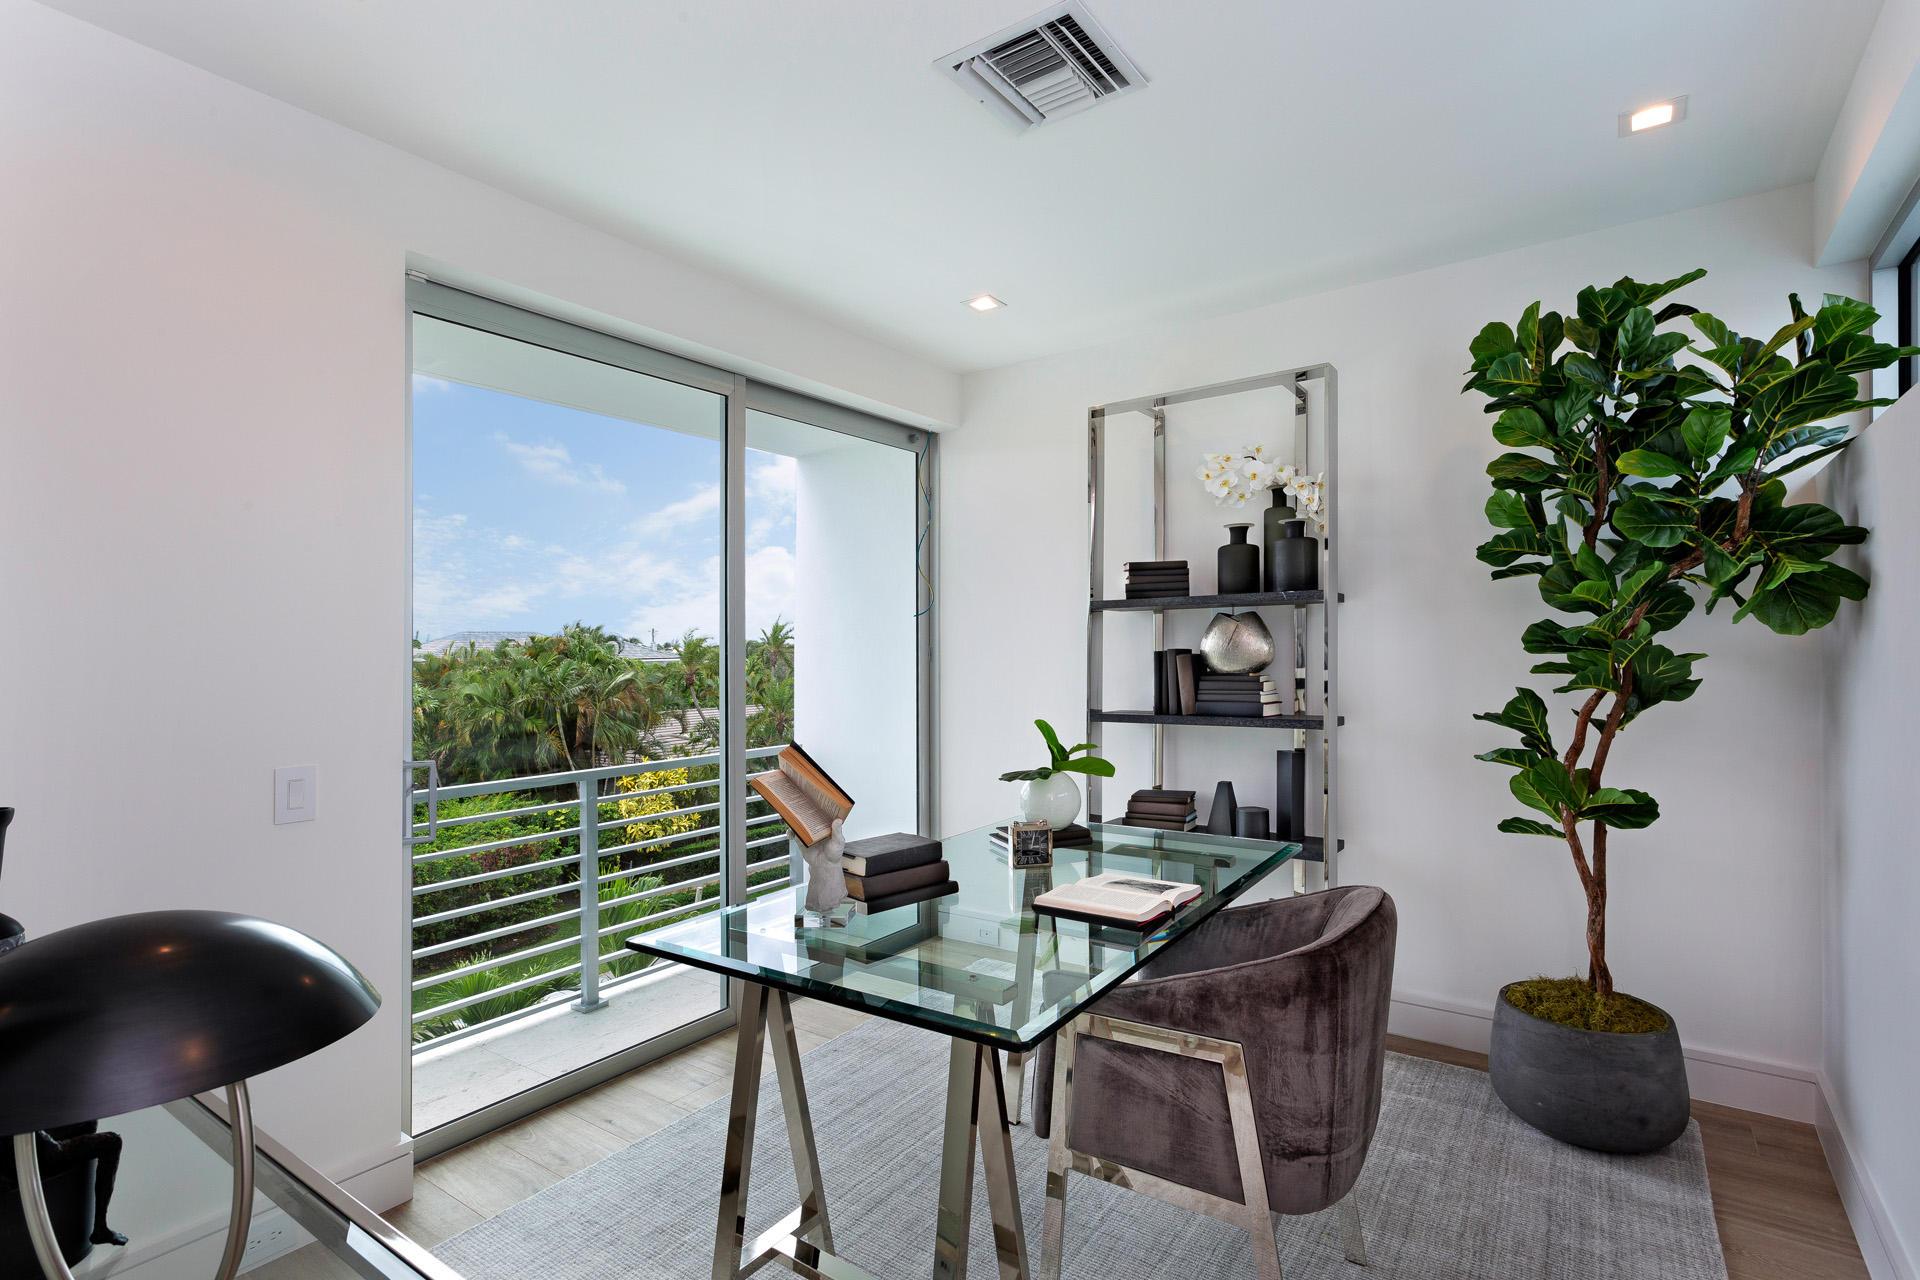 917 Bucida Road, Delray Beach, Florida 33483, 3 Bedrooms Bedrooms, ,3.1 BathroomsBathrooms,Townhouse,For Sale,Bucida,RX-10622733